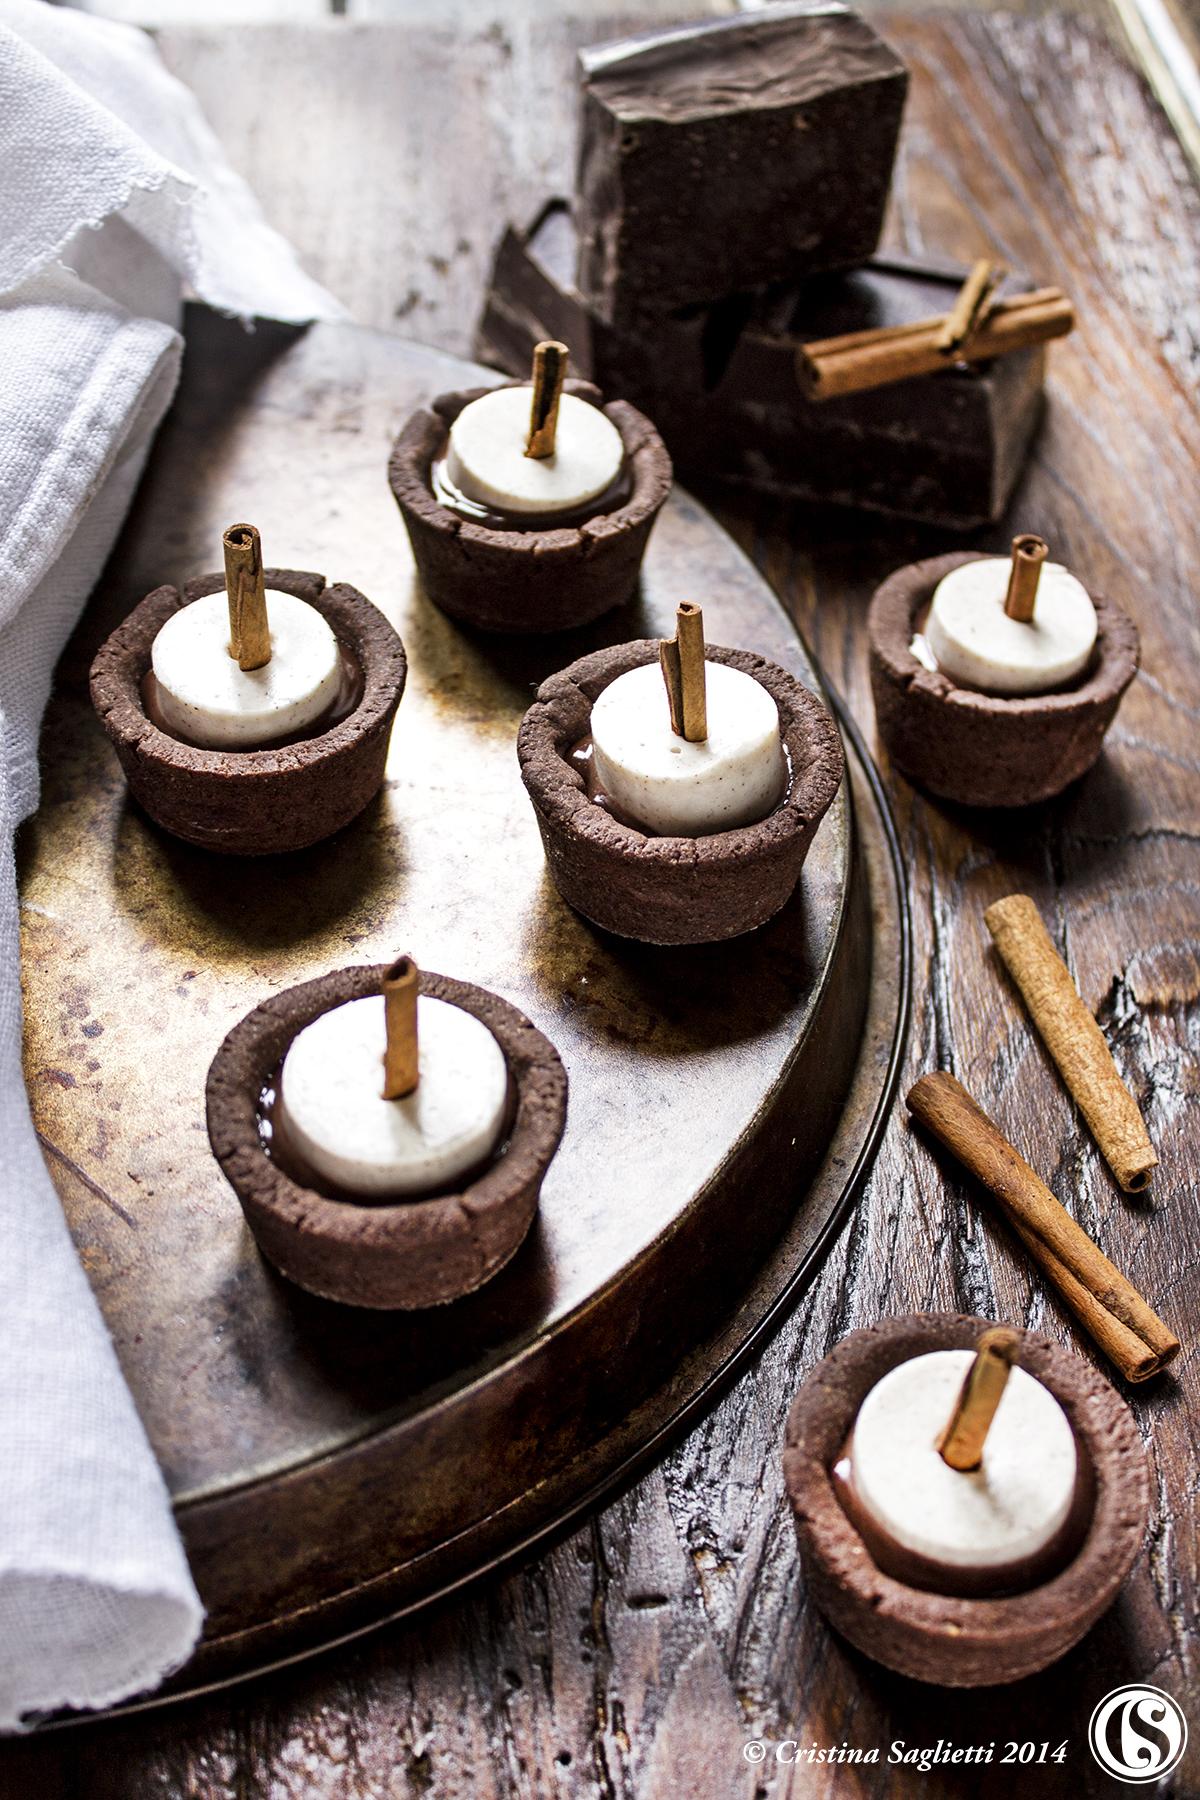 mignon-al-cioccolato-fondente-con-panna-cotta-alla-cannella-3-contemporaneo-food